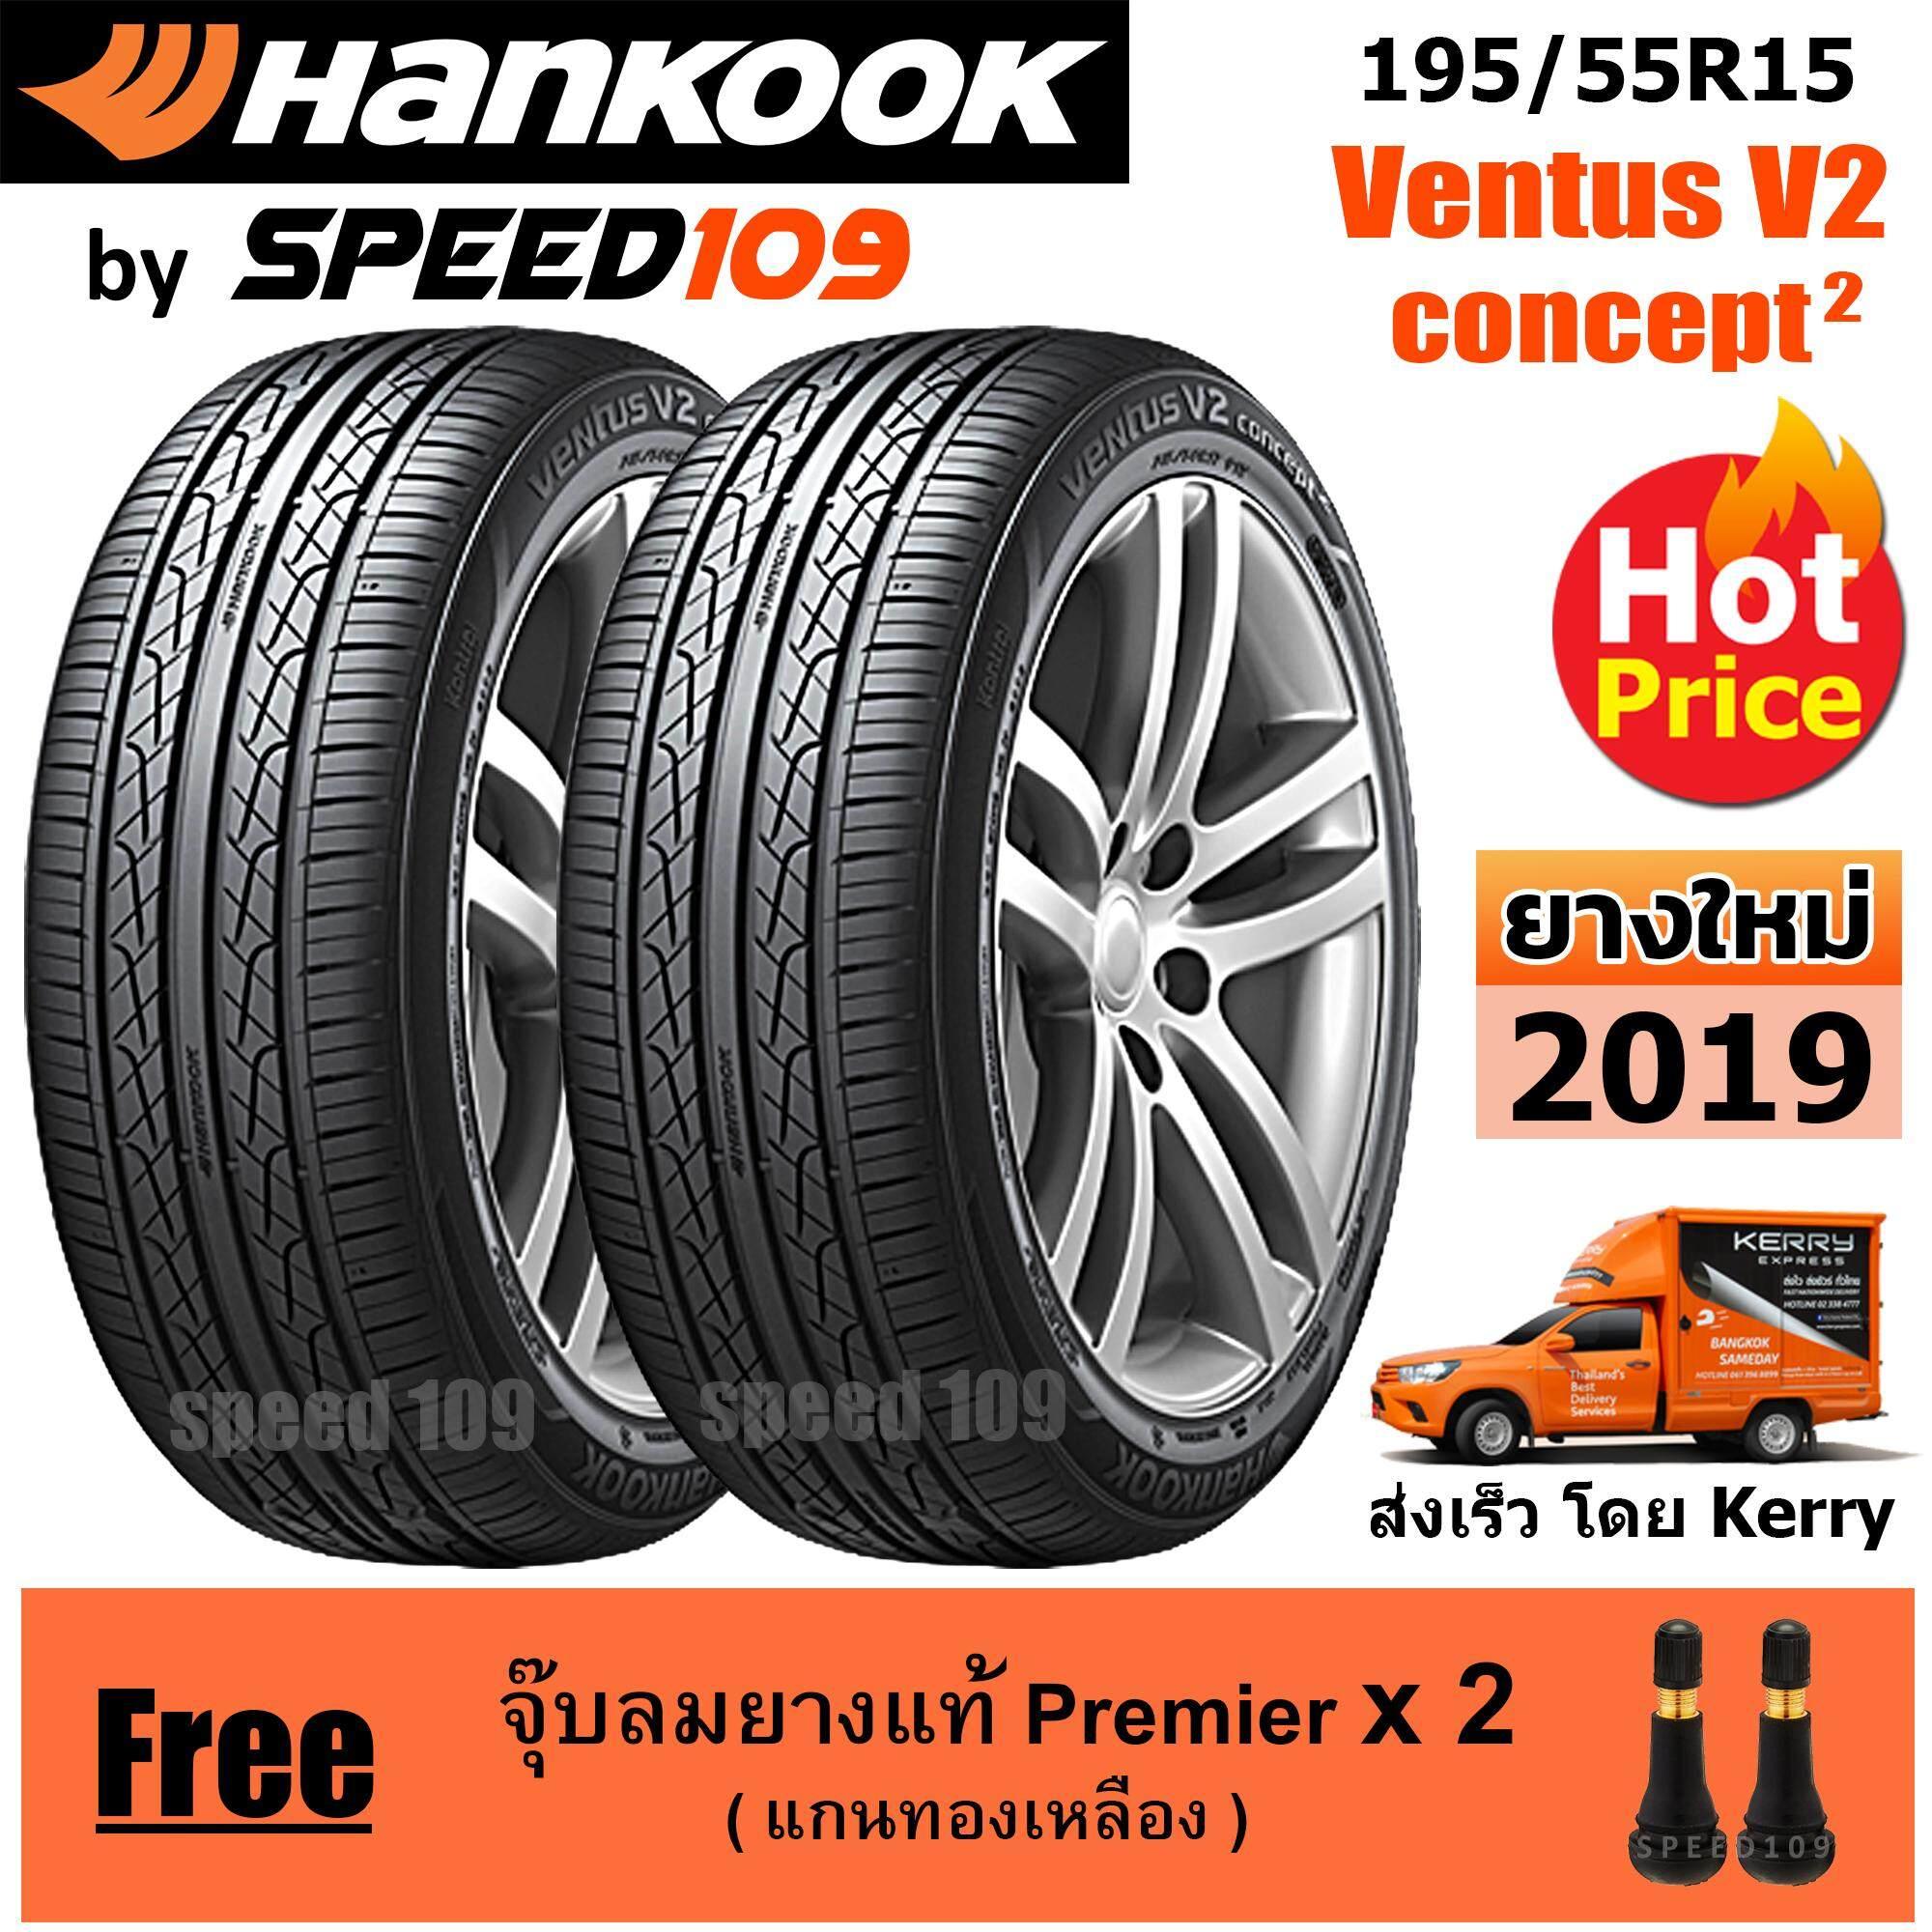 ประกันภัย รถยนต์ 2+ สุพรรณบุรี HANKOOK ยางรถยนต์ ขอบ 15 ขนาด 195/55R15 รุ่น Ventus V2 Concept2 - 2 เส้น (ปี 2019)